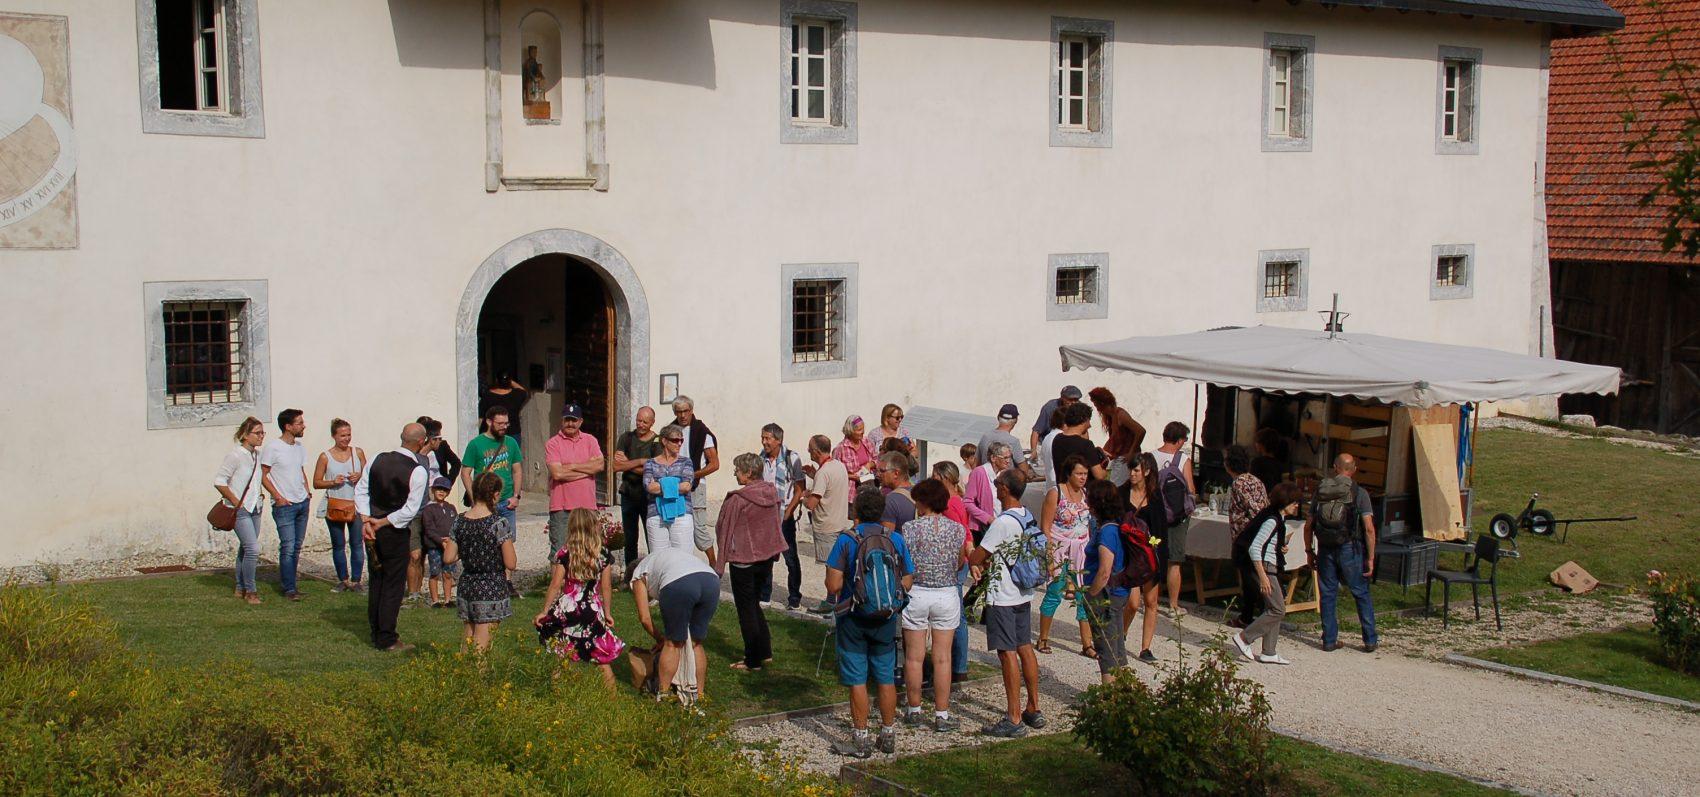 Visites guidées et animations gratuites durant les Journées du patrimoine à la Chartreuse d'Aillon